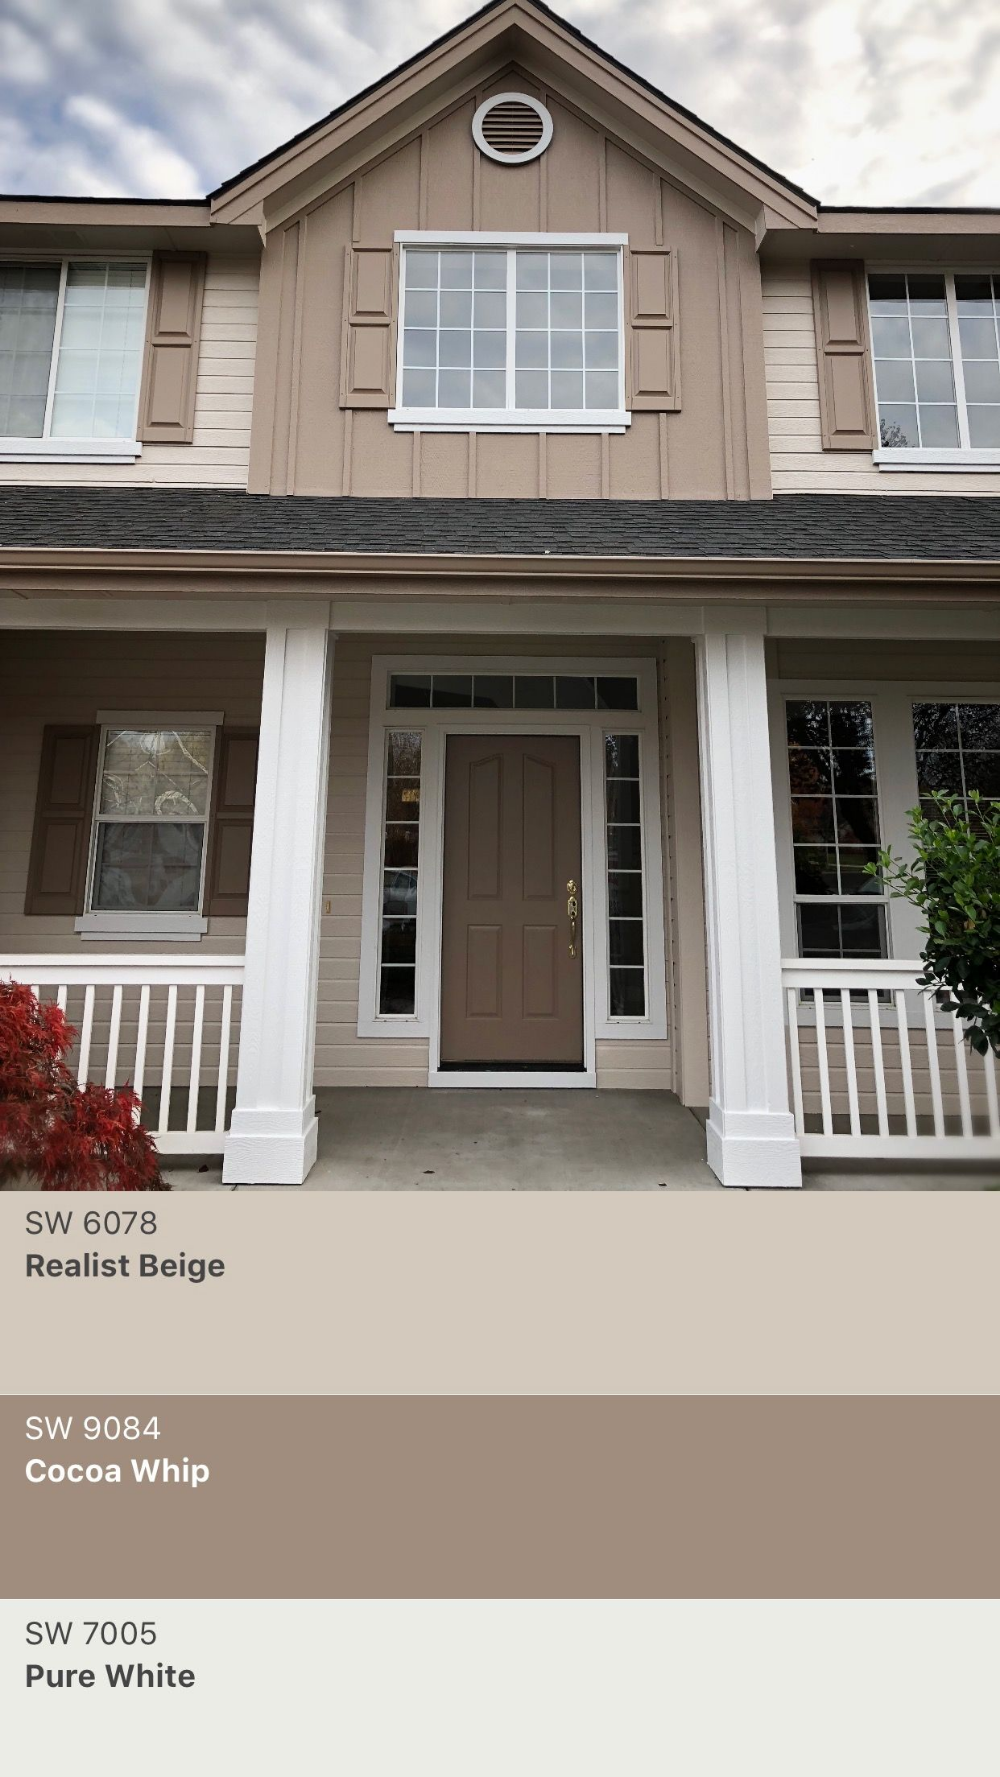 Exterior Paint Color Combinations Images Google Search In 2021 Exterior House Paint Color Combinations Exterior Paint Colors For House Exterior House Colors